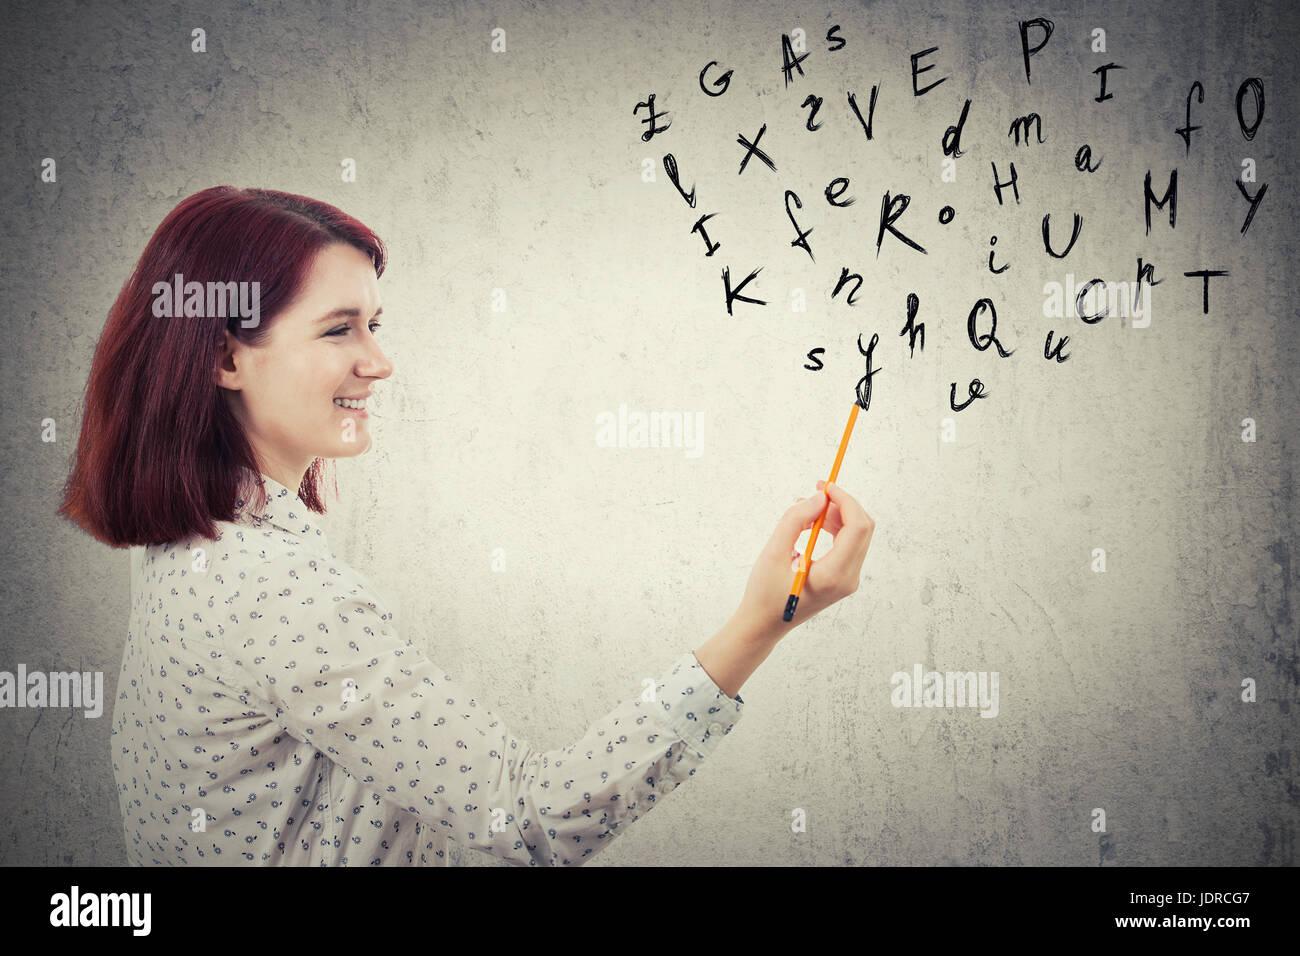 Junge Geschäftsfrau, mit einem Bleistift in der Hand Alphabet Buchstaben zu zeichnen. Bildung und Kommunikation Stockbild